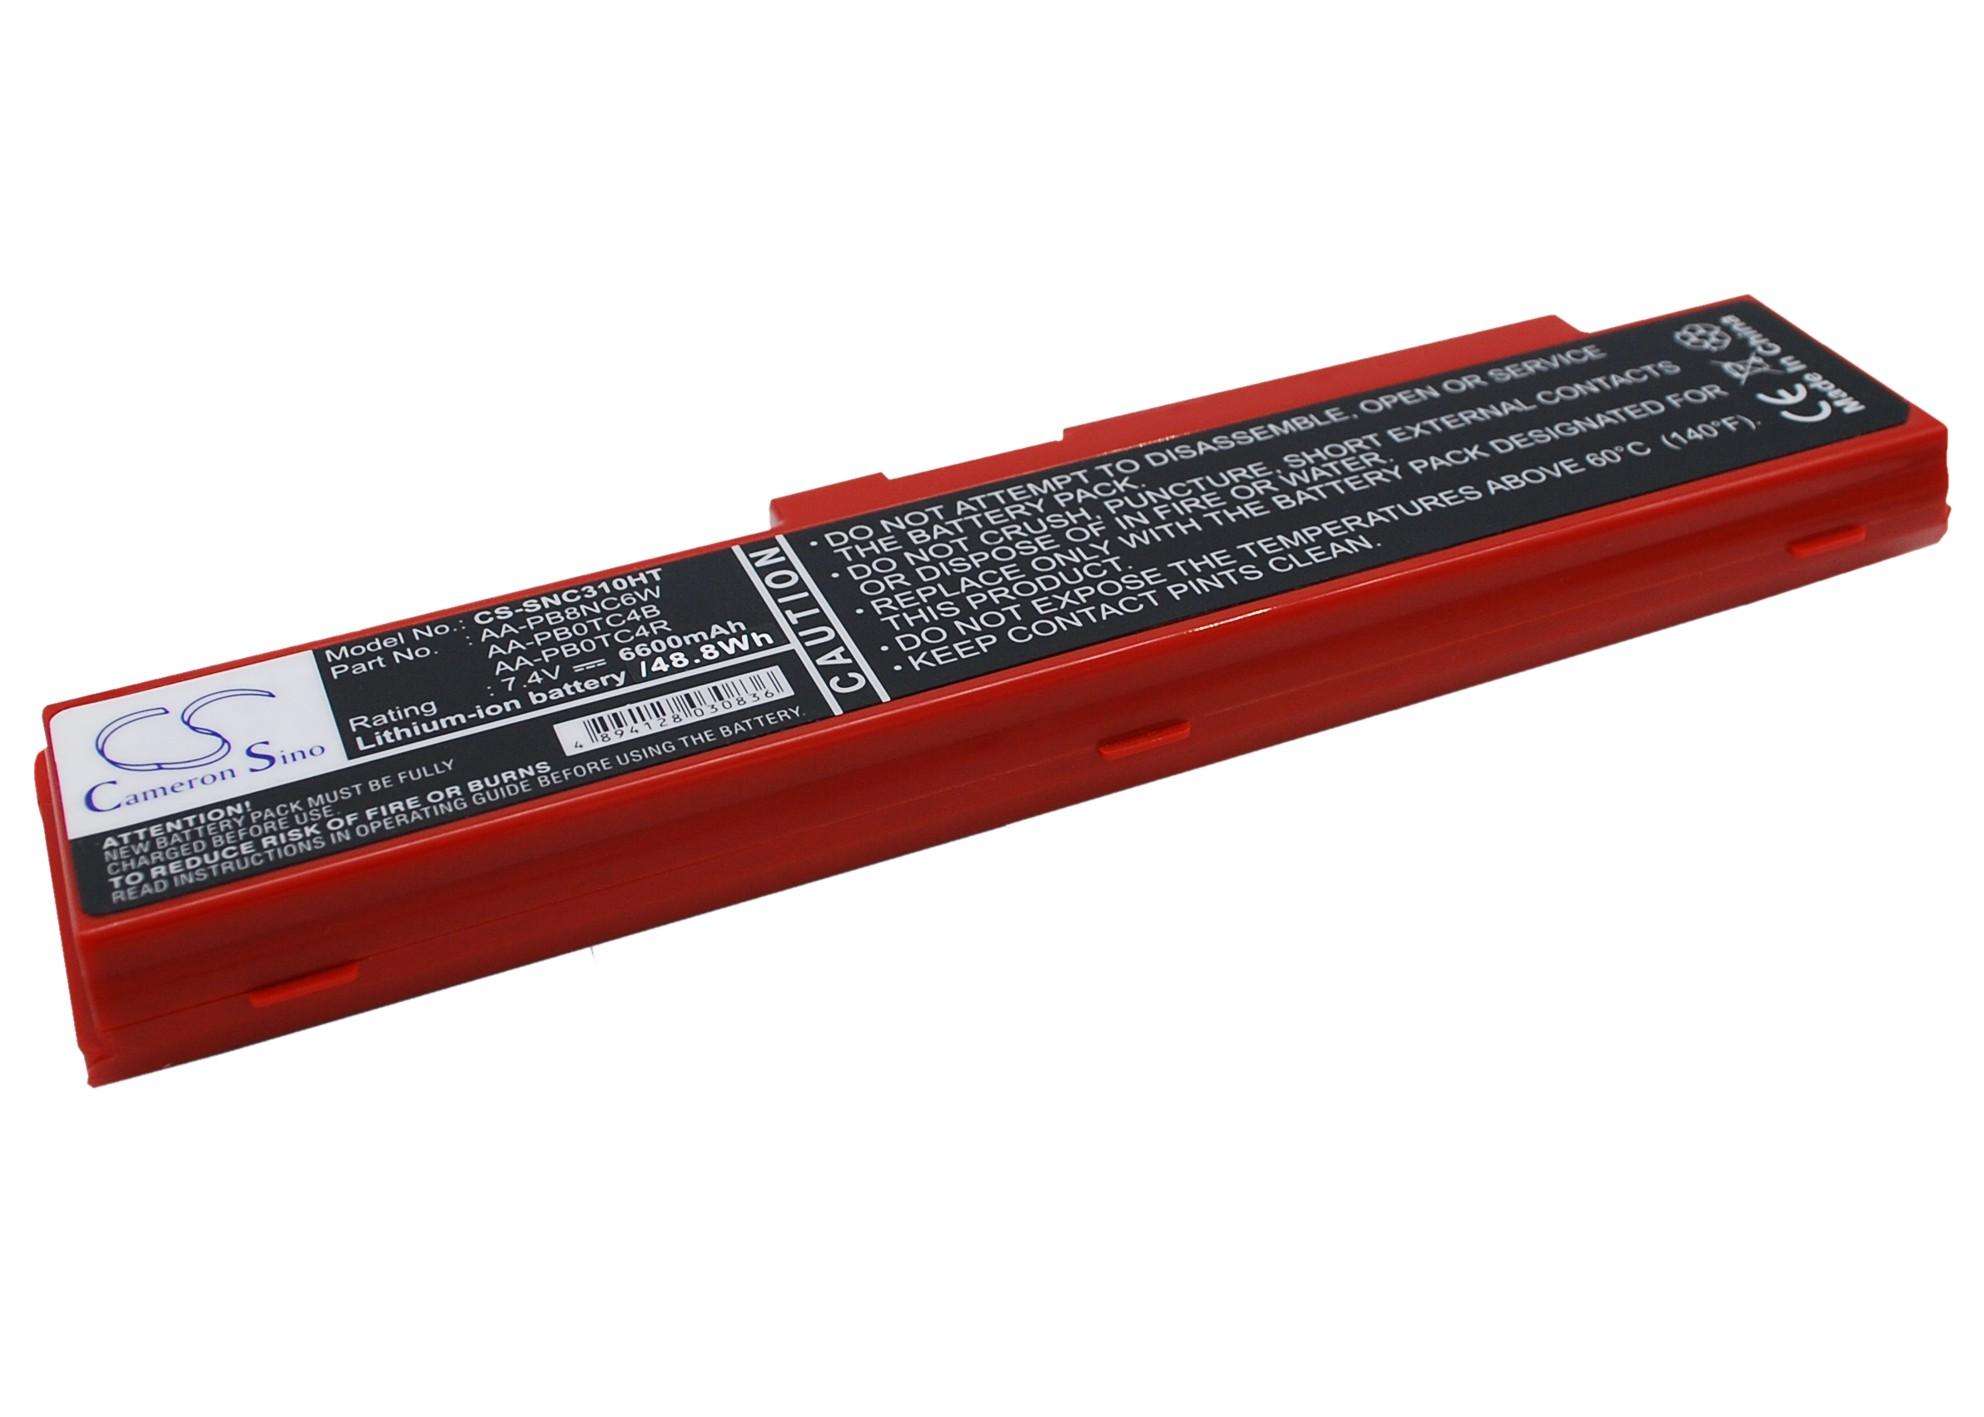 Cameron Sino baterie do netbooků pro SAMSUNG NP-N315-JA04 7.4V Li-ion 6600mAh červená - neoriginální